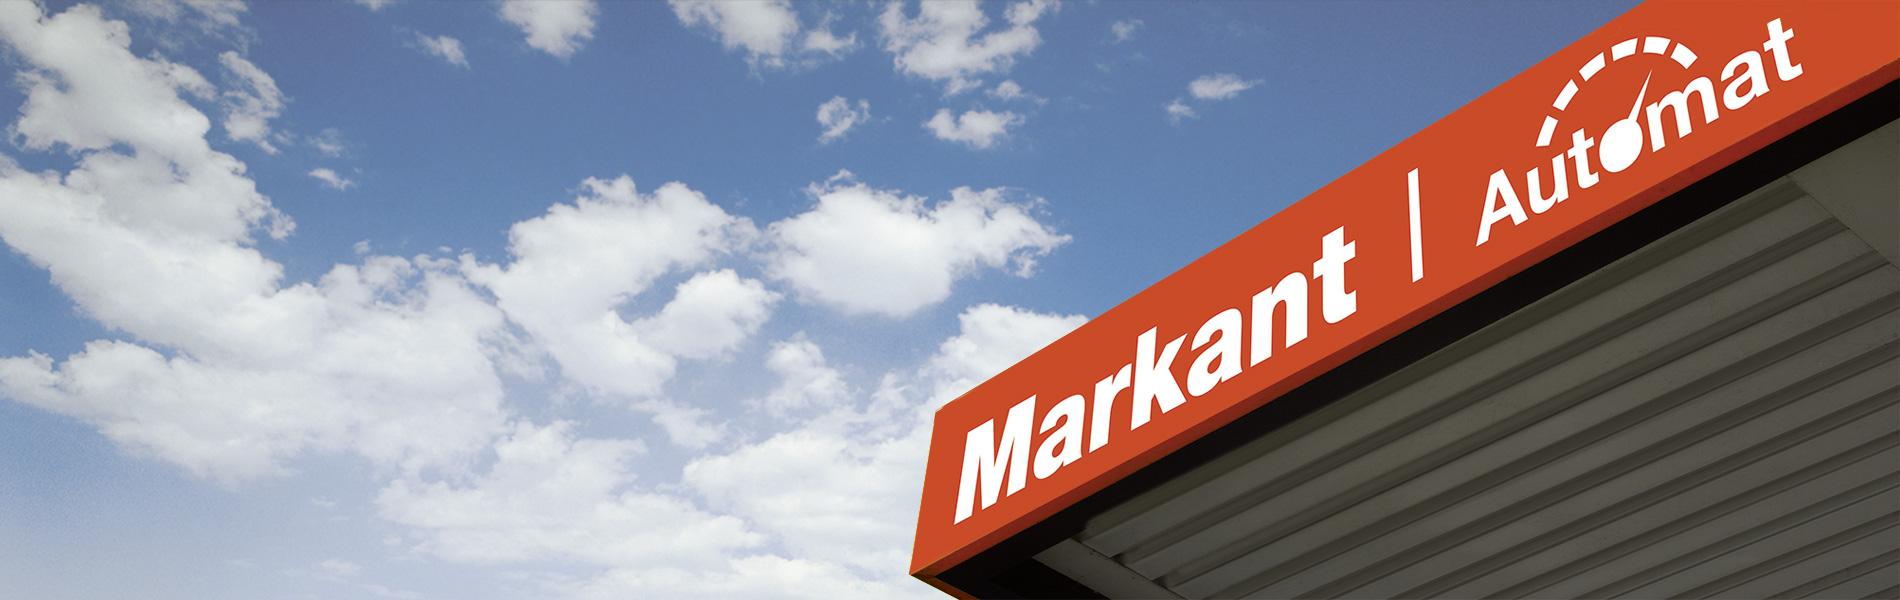 Bannerbild der Tankstelle